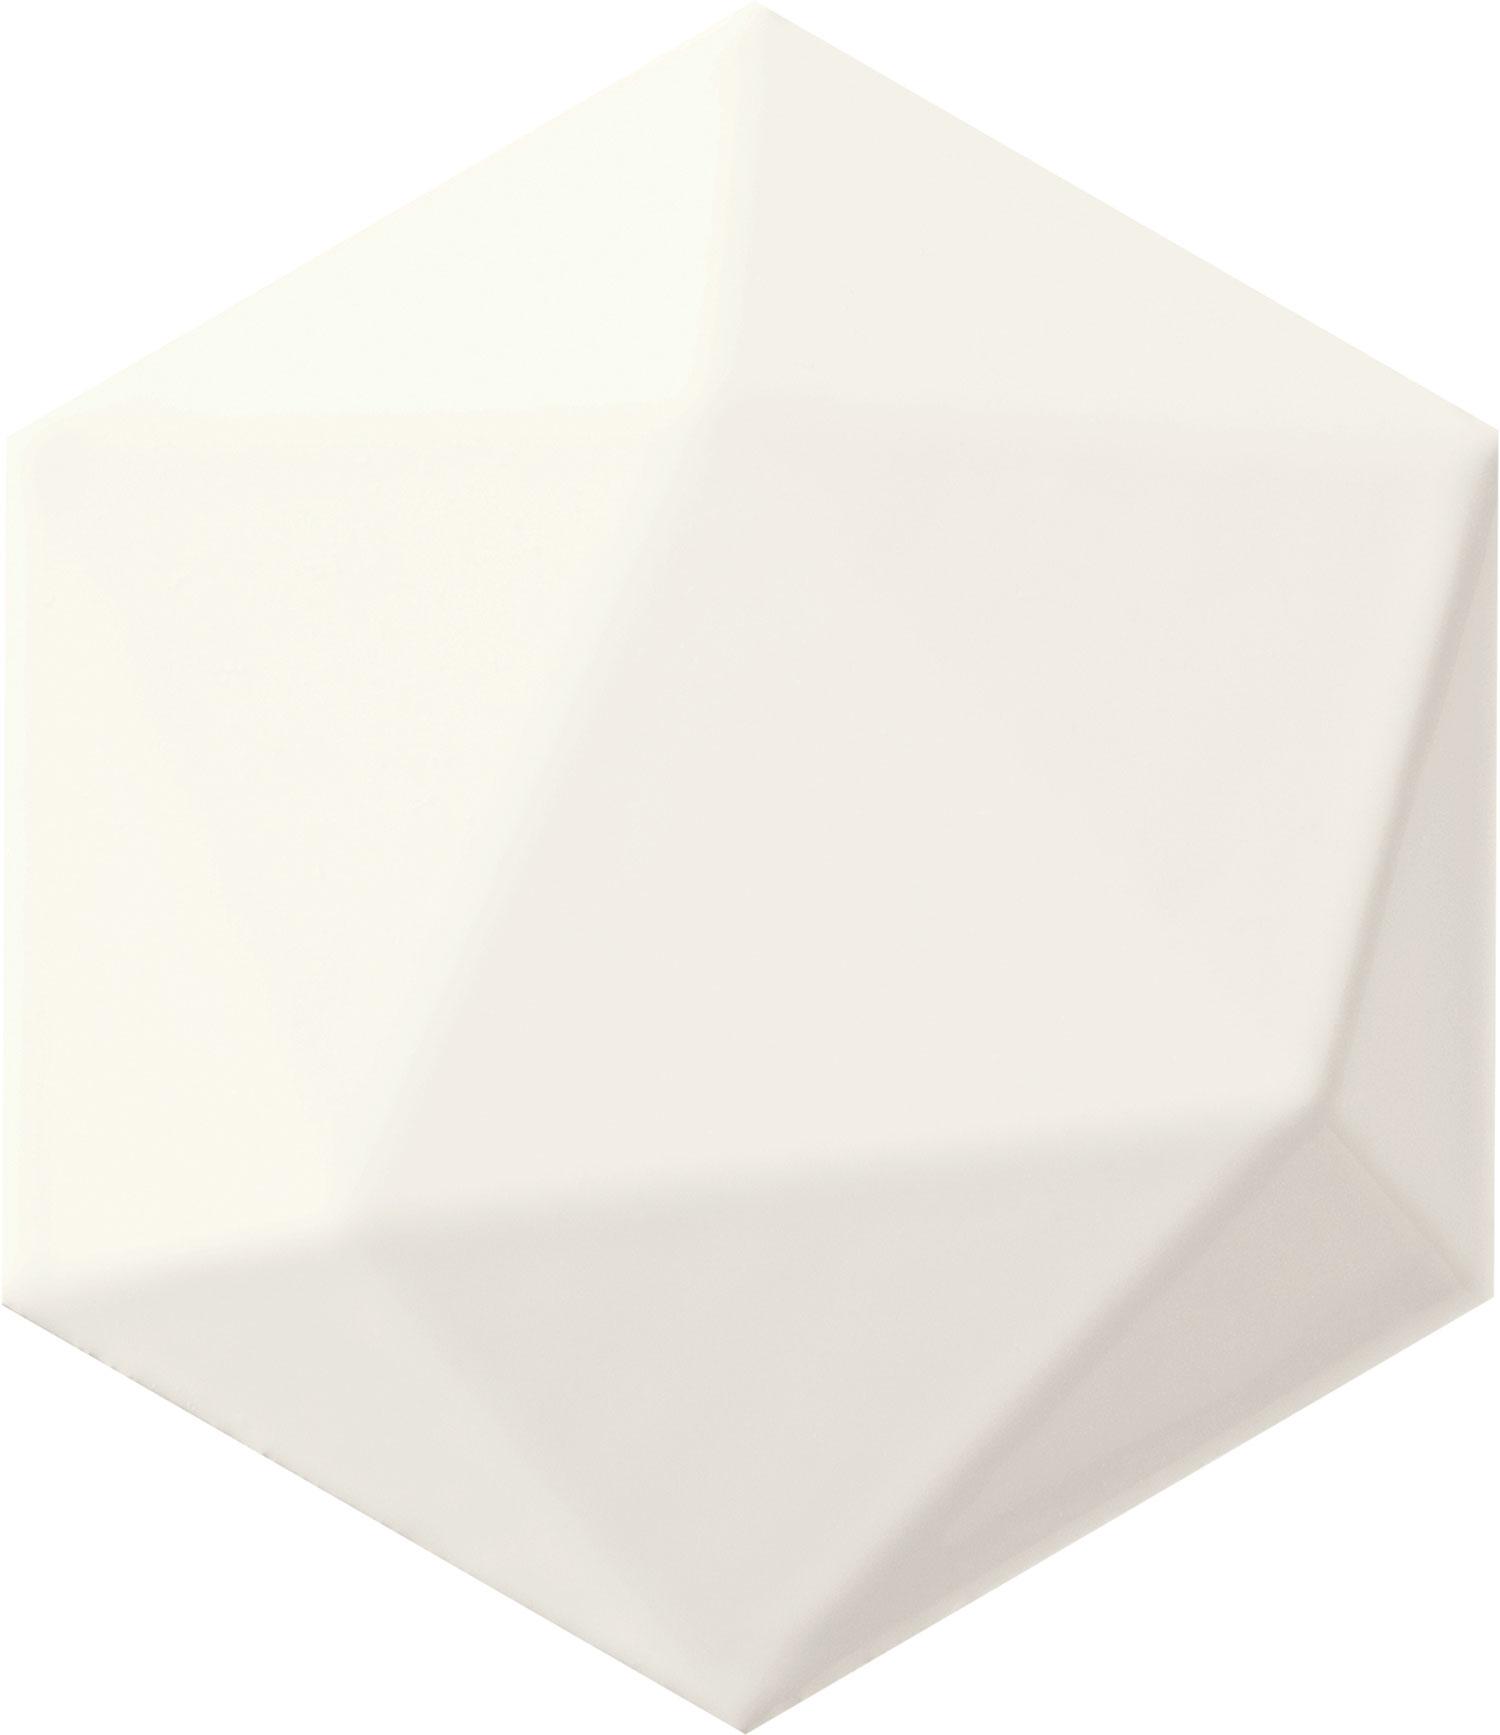 Origami white hex